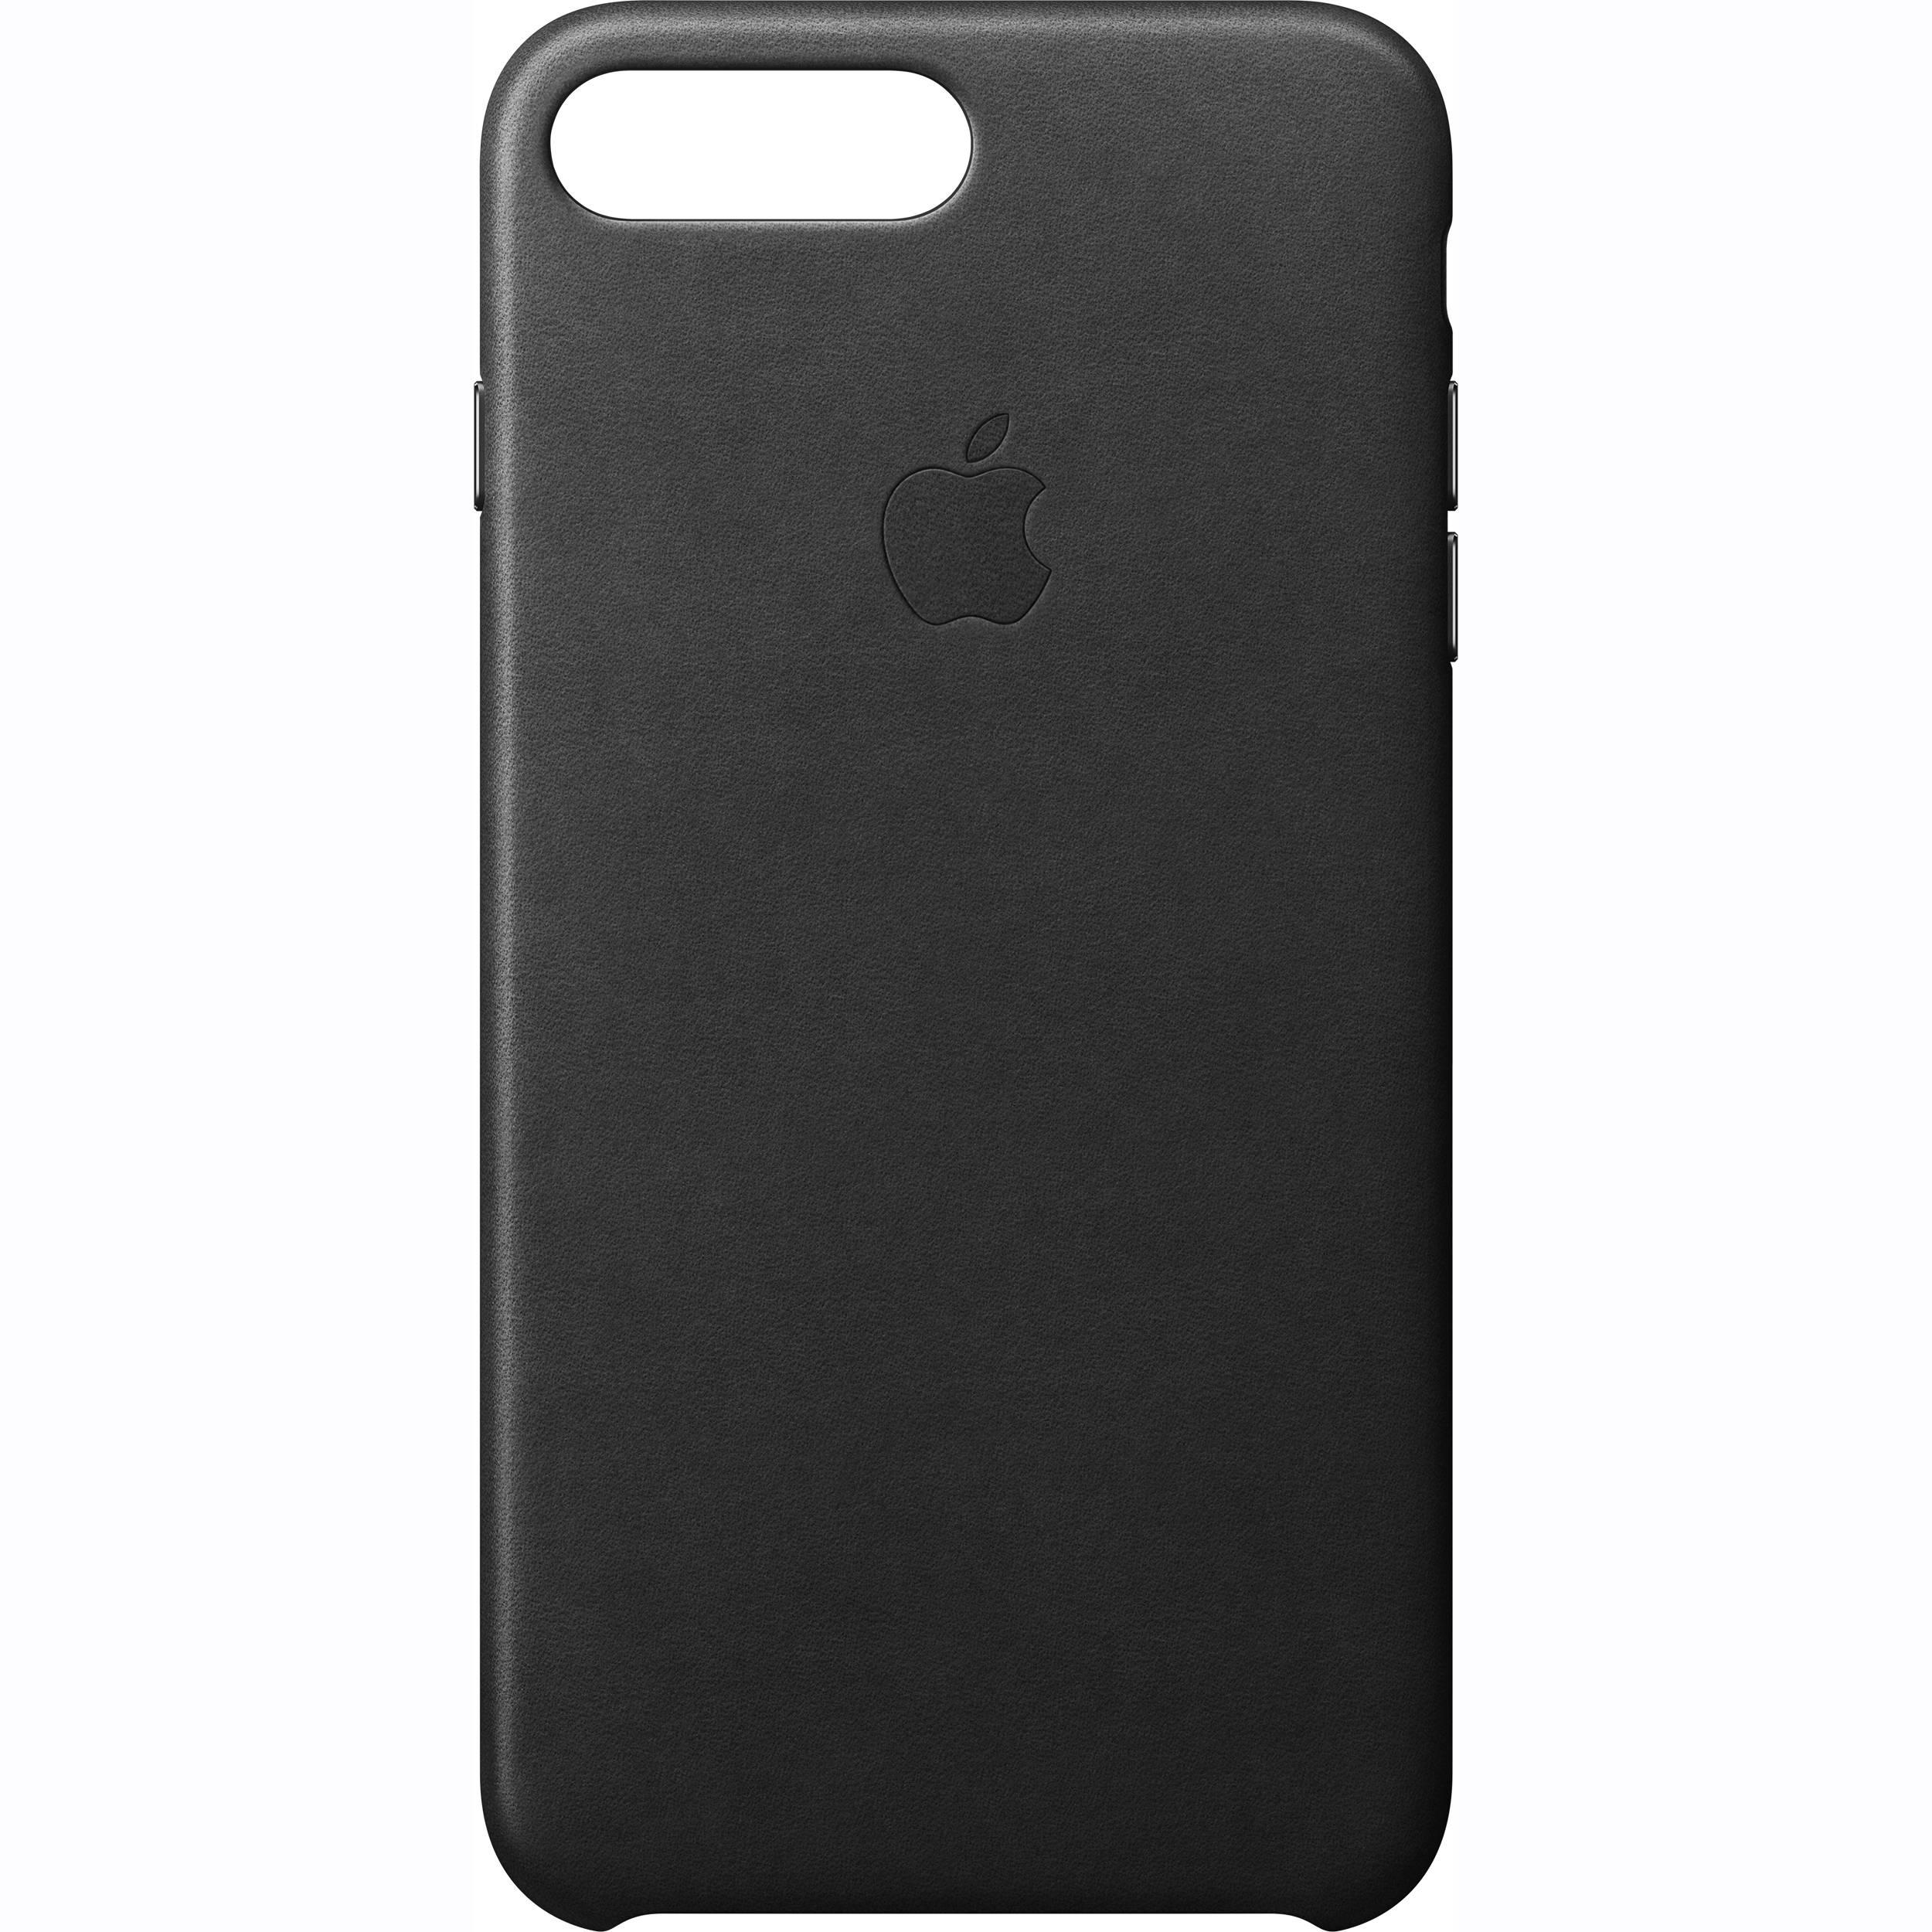 iphone 7 plus phone case apple